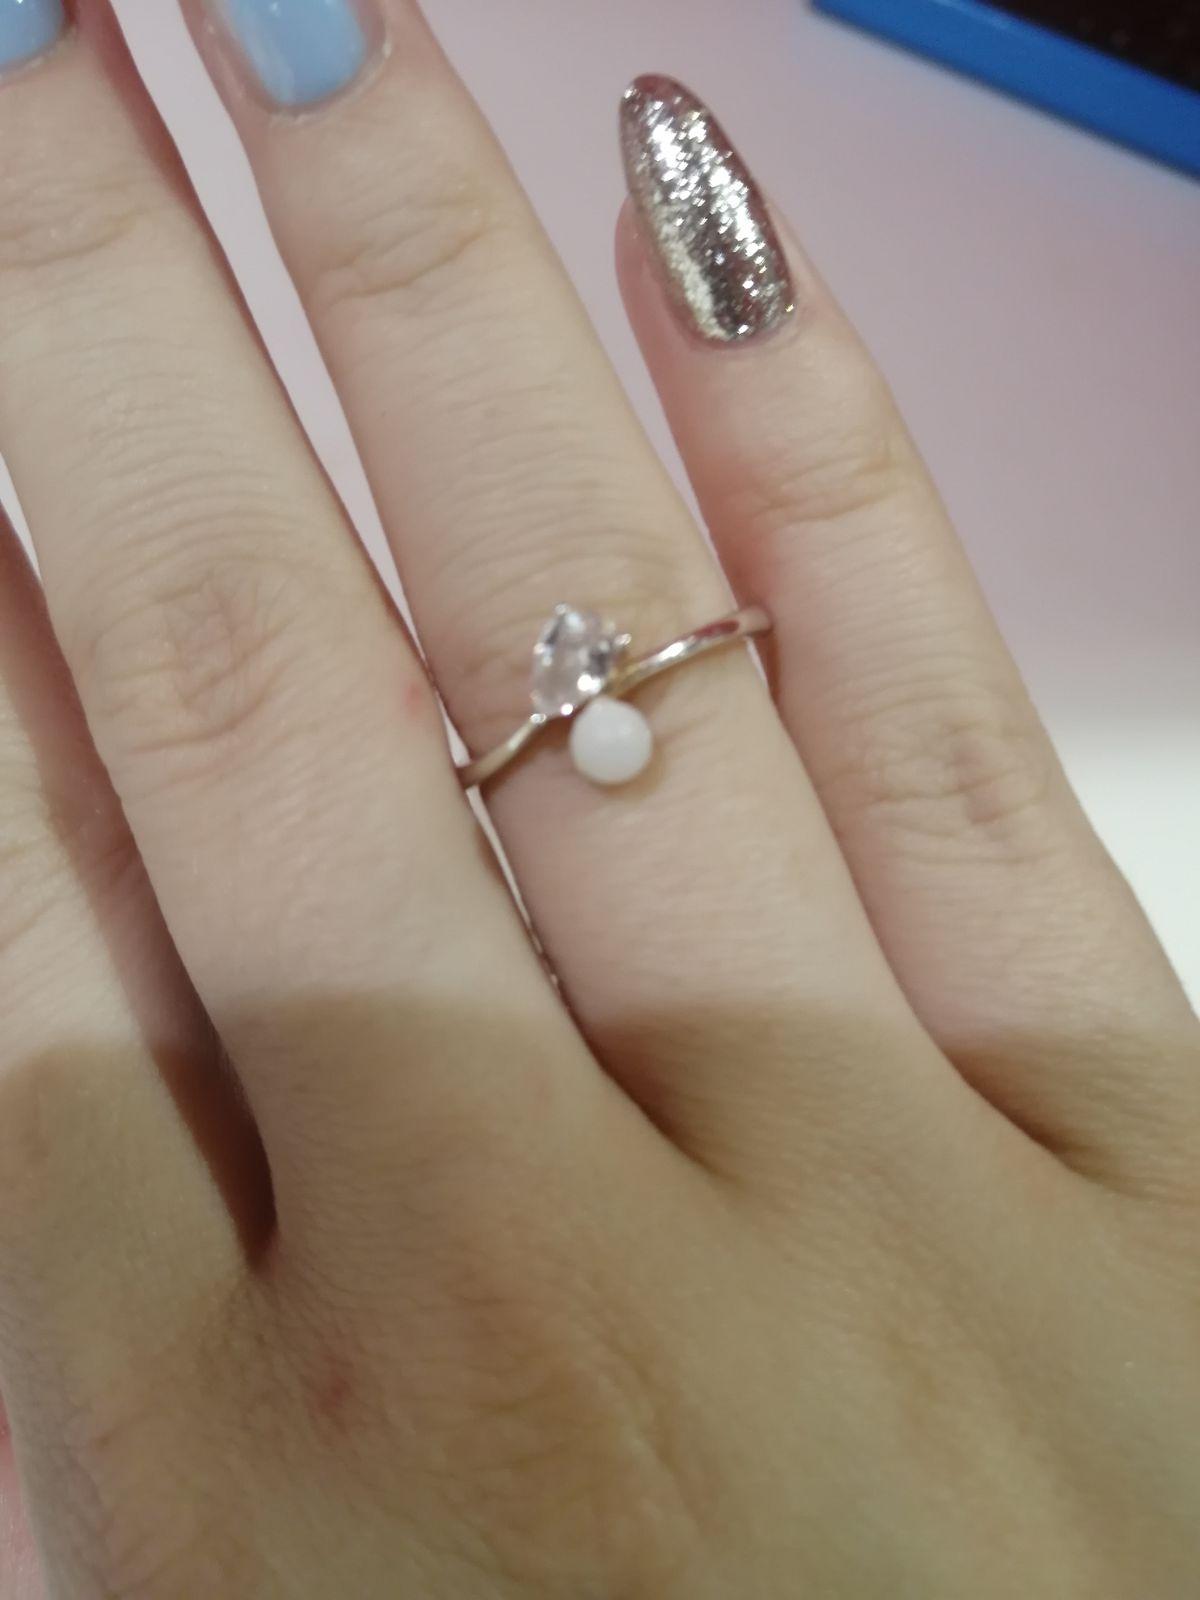 Неплохое кольцо, цену оправдывает